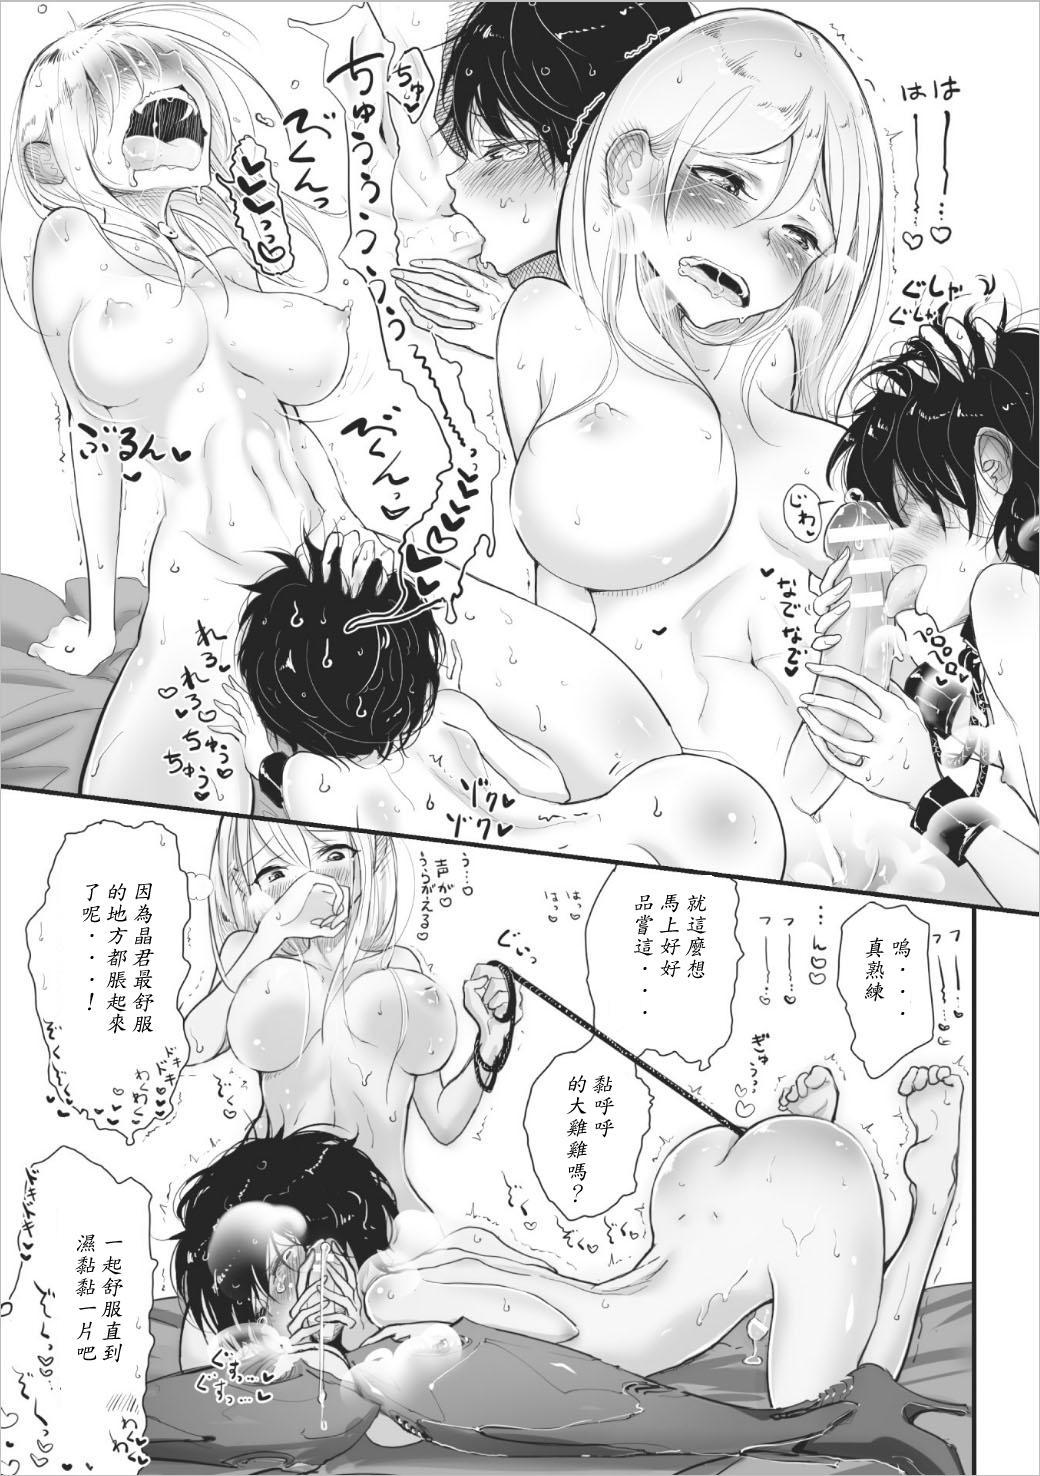 Sakura Nagashi 16